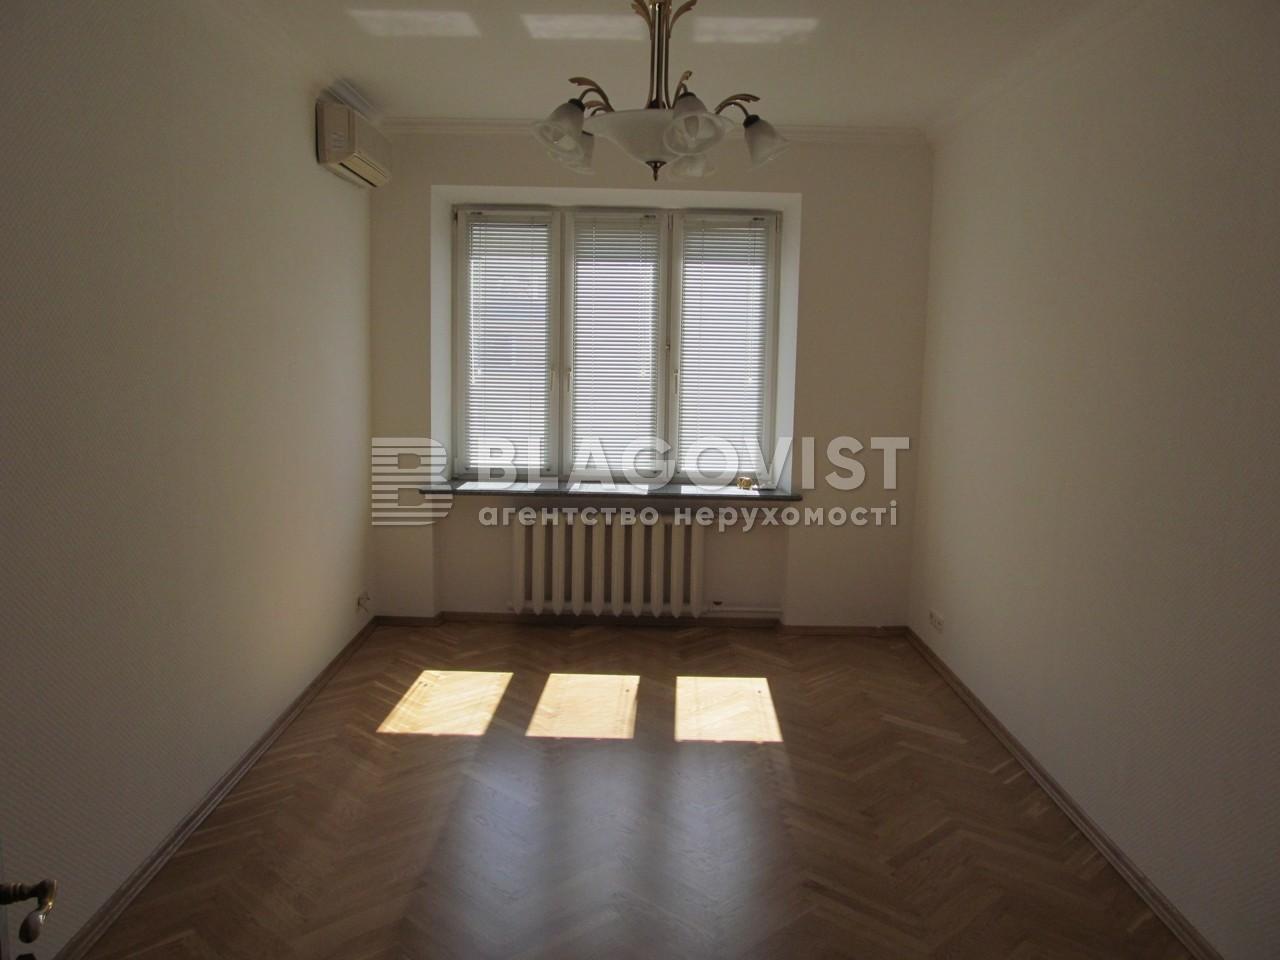 Нежитлове приміщення, C-104934, Лесі Українки бул., Київ - Фото 9